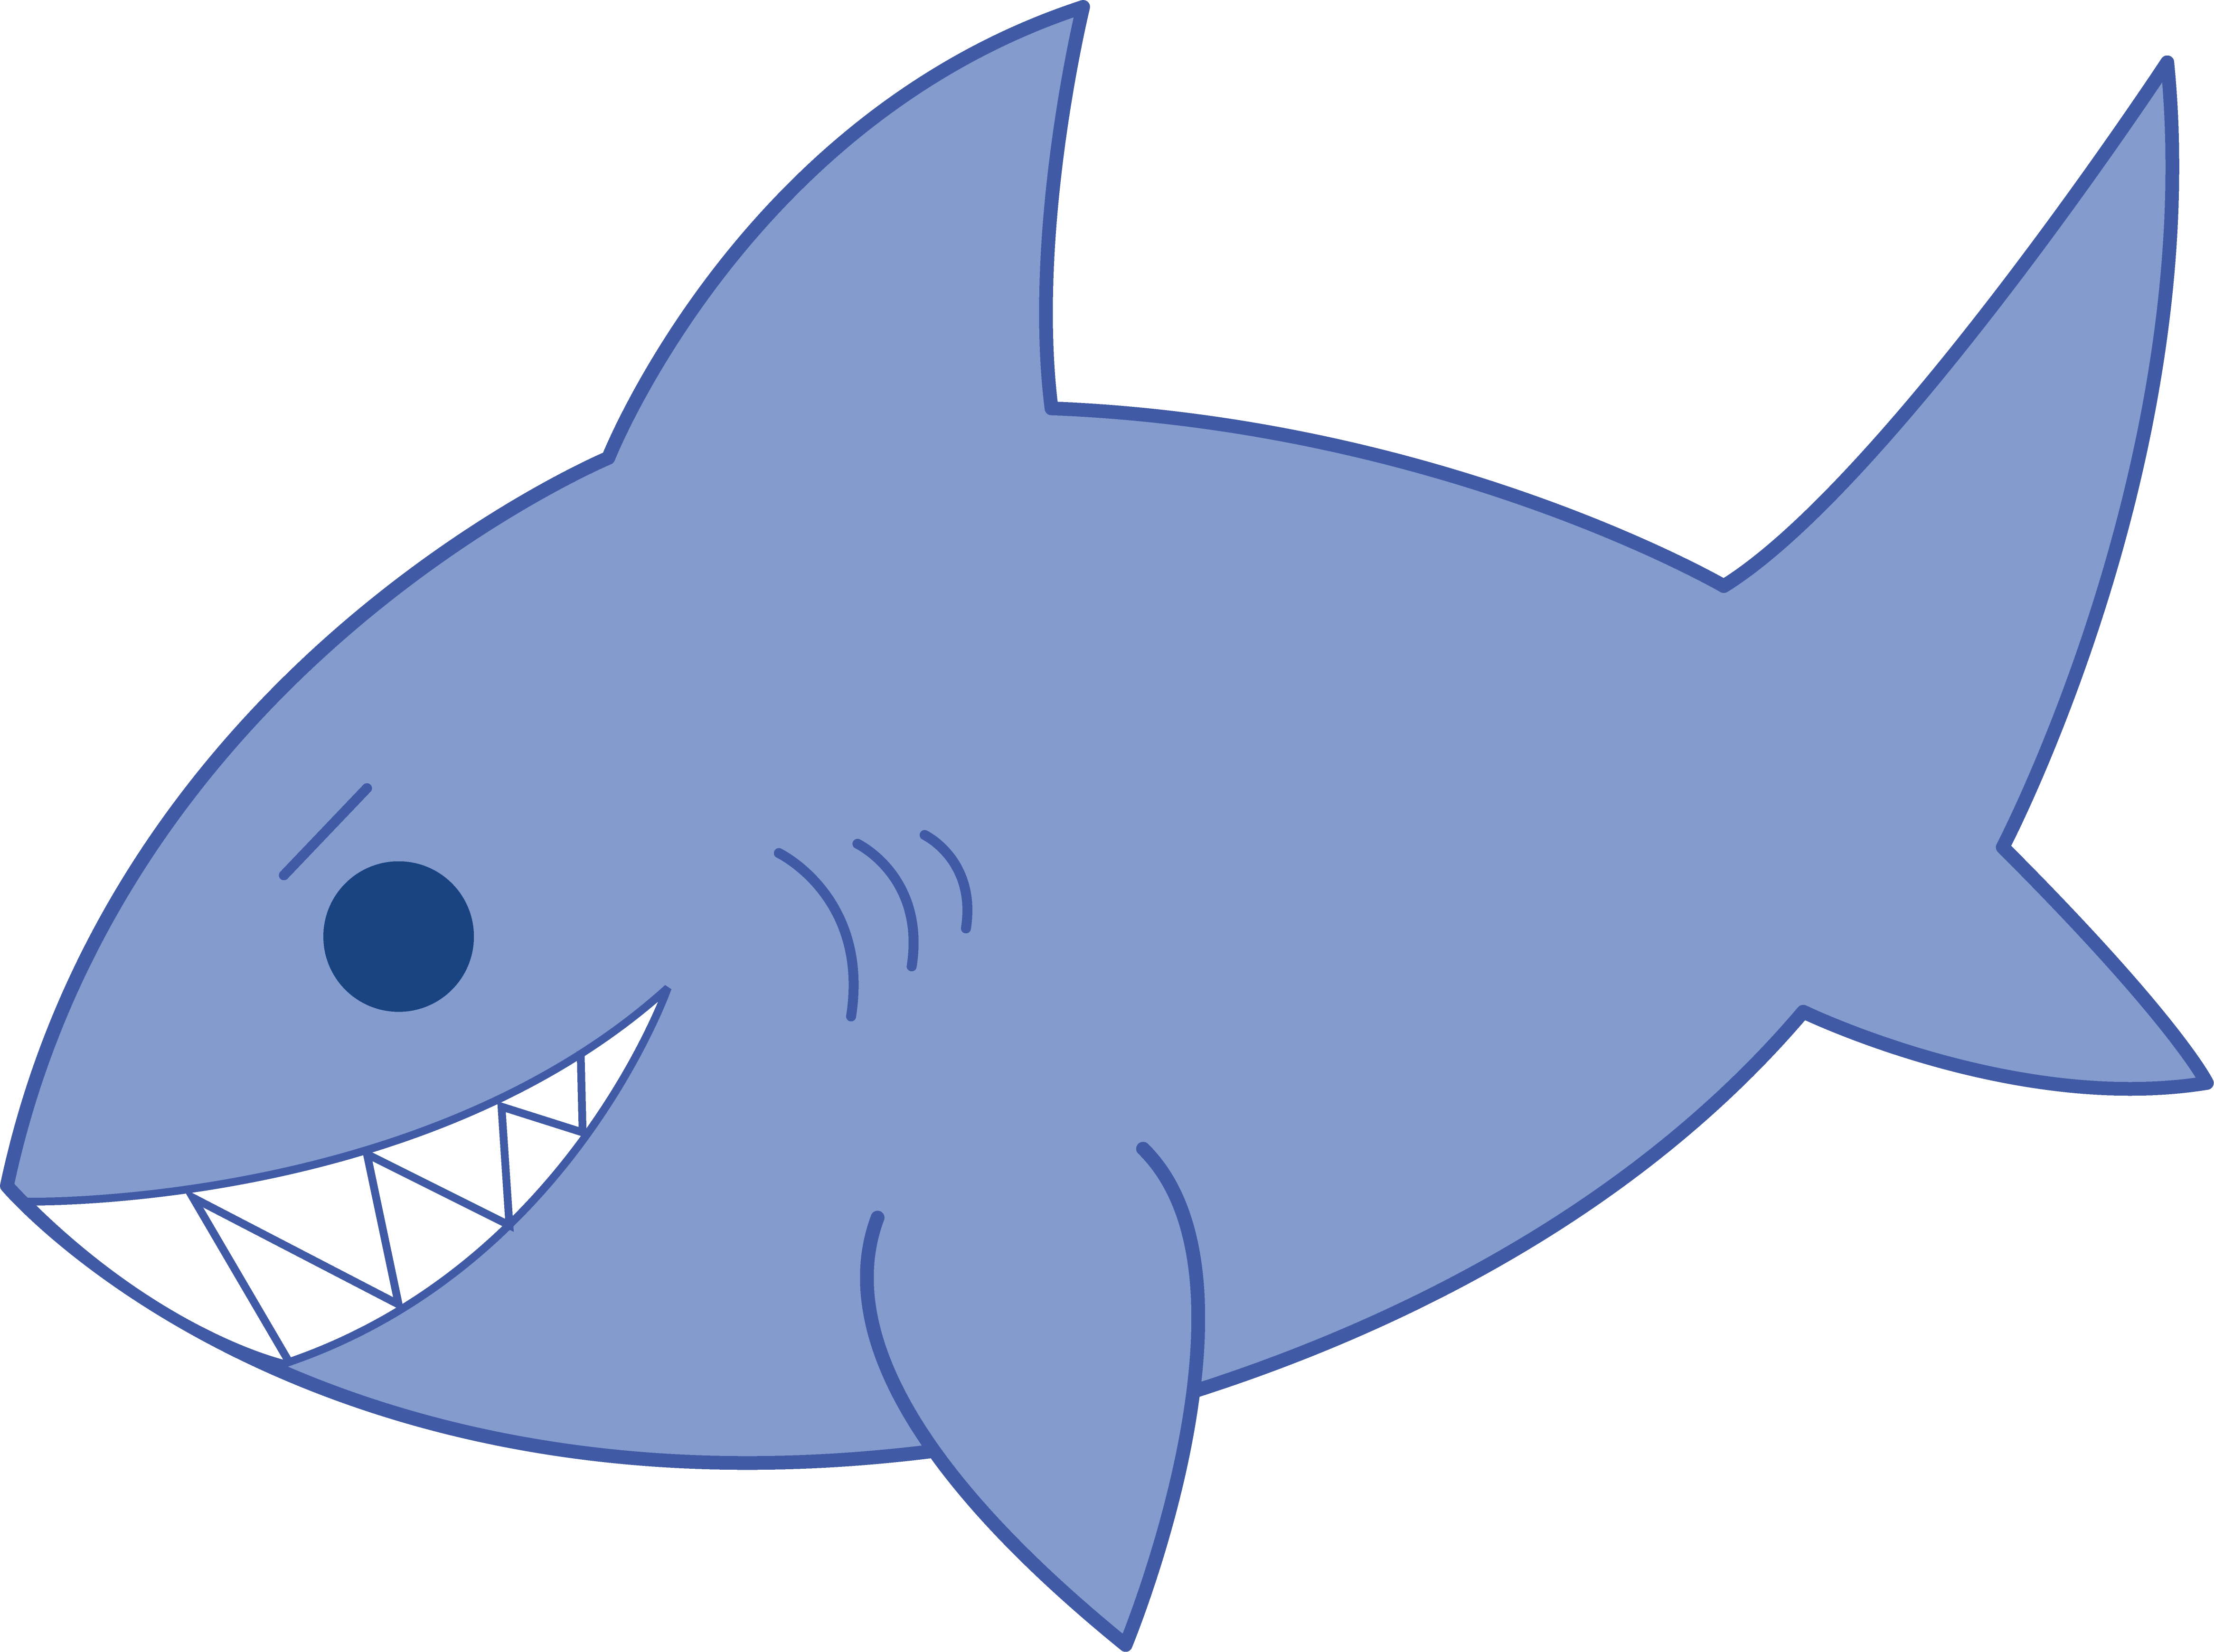 4663x3480 Free Cartoon Shark Clipart, Shark Outline And Shark Silhouette